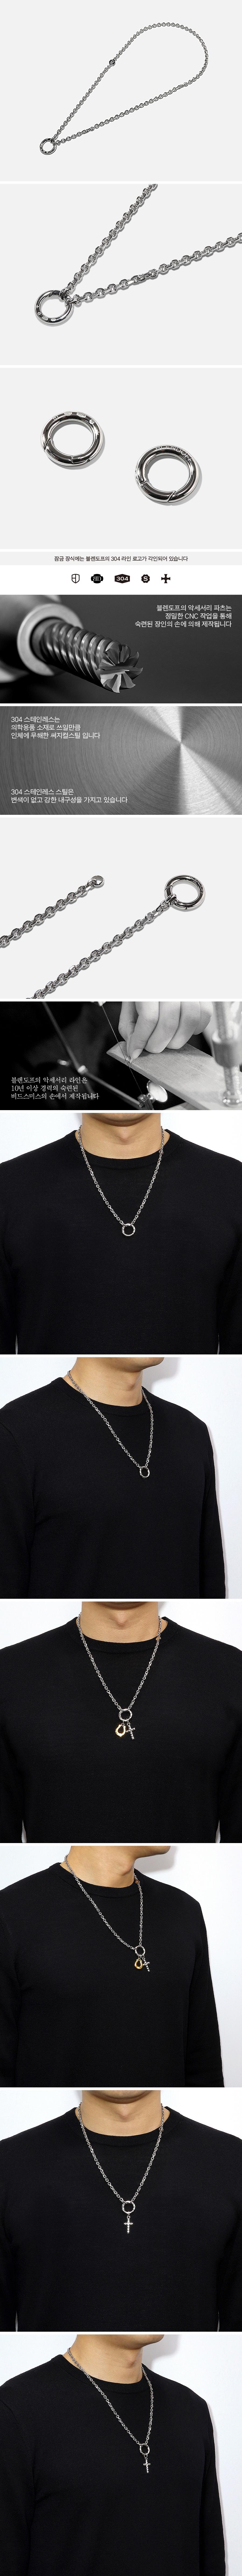 블렌도프(BLENDOFF) O Necklace [Cable Cut Chain]